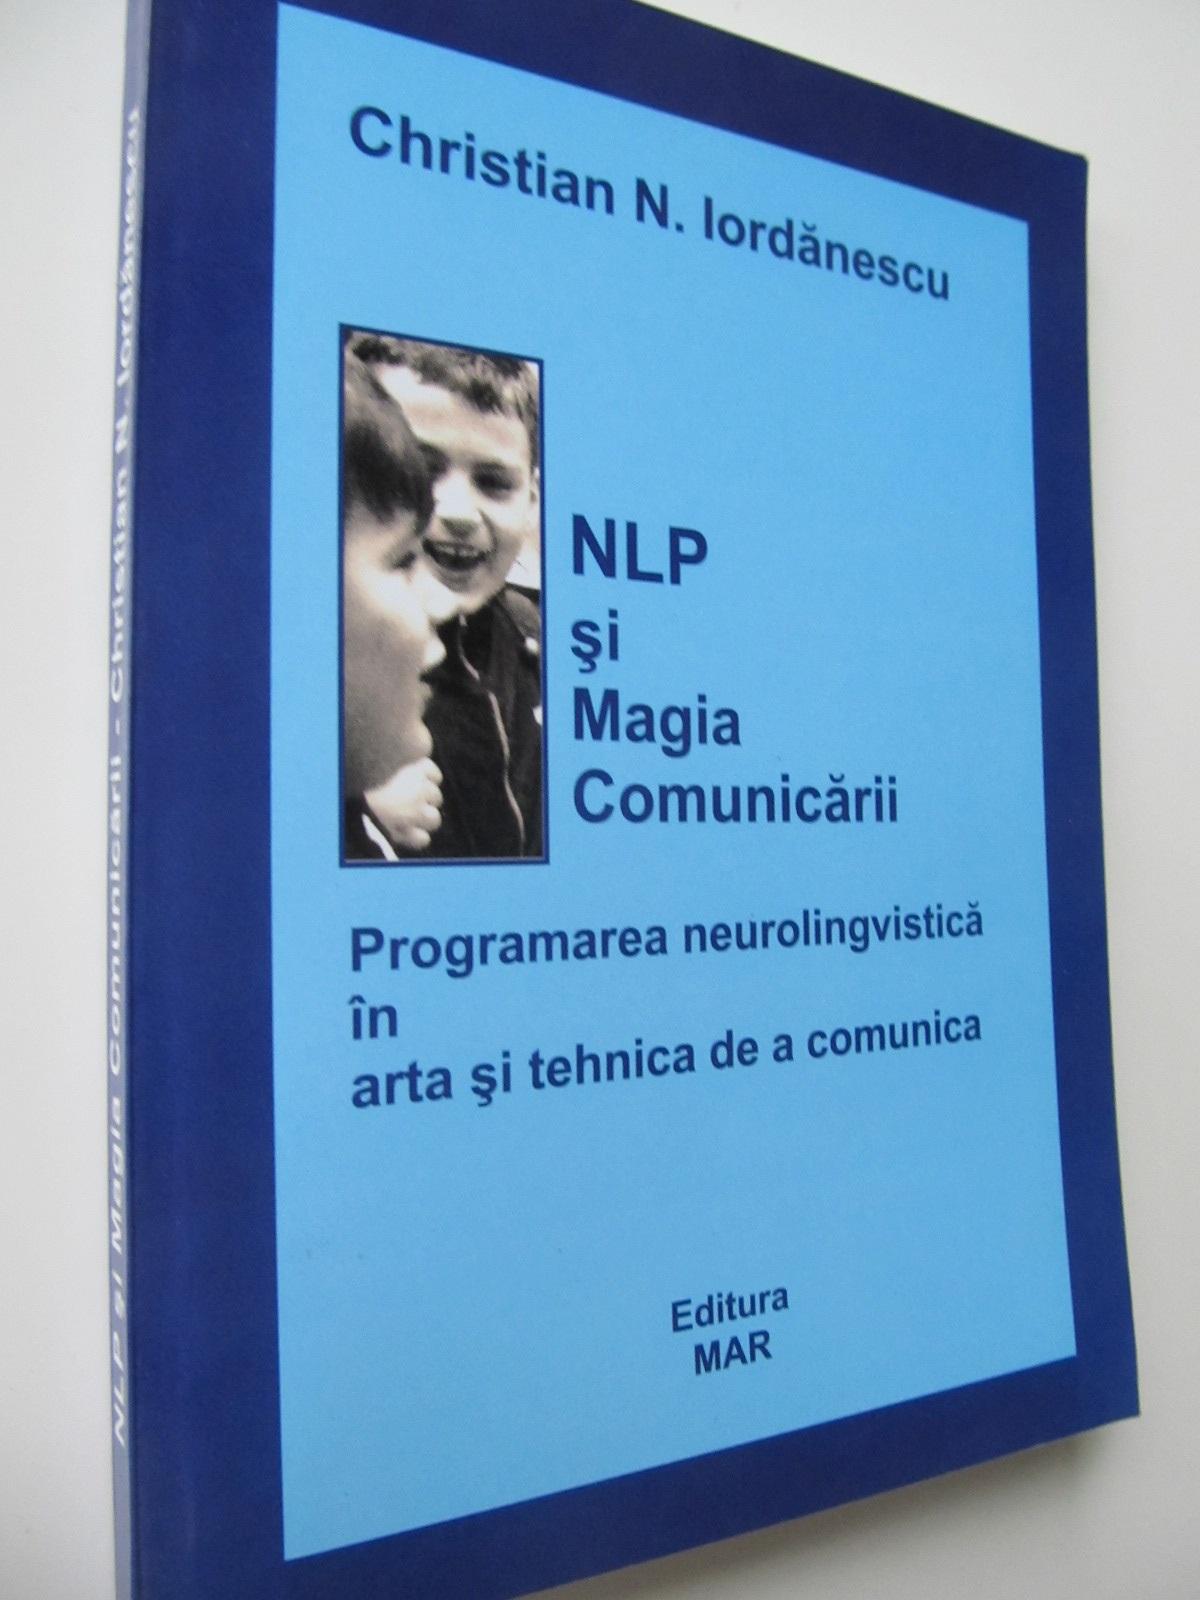 NLP si magia comunicarii - Christian N. Iordanescu | Detalii carte